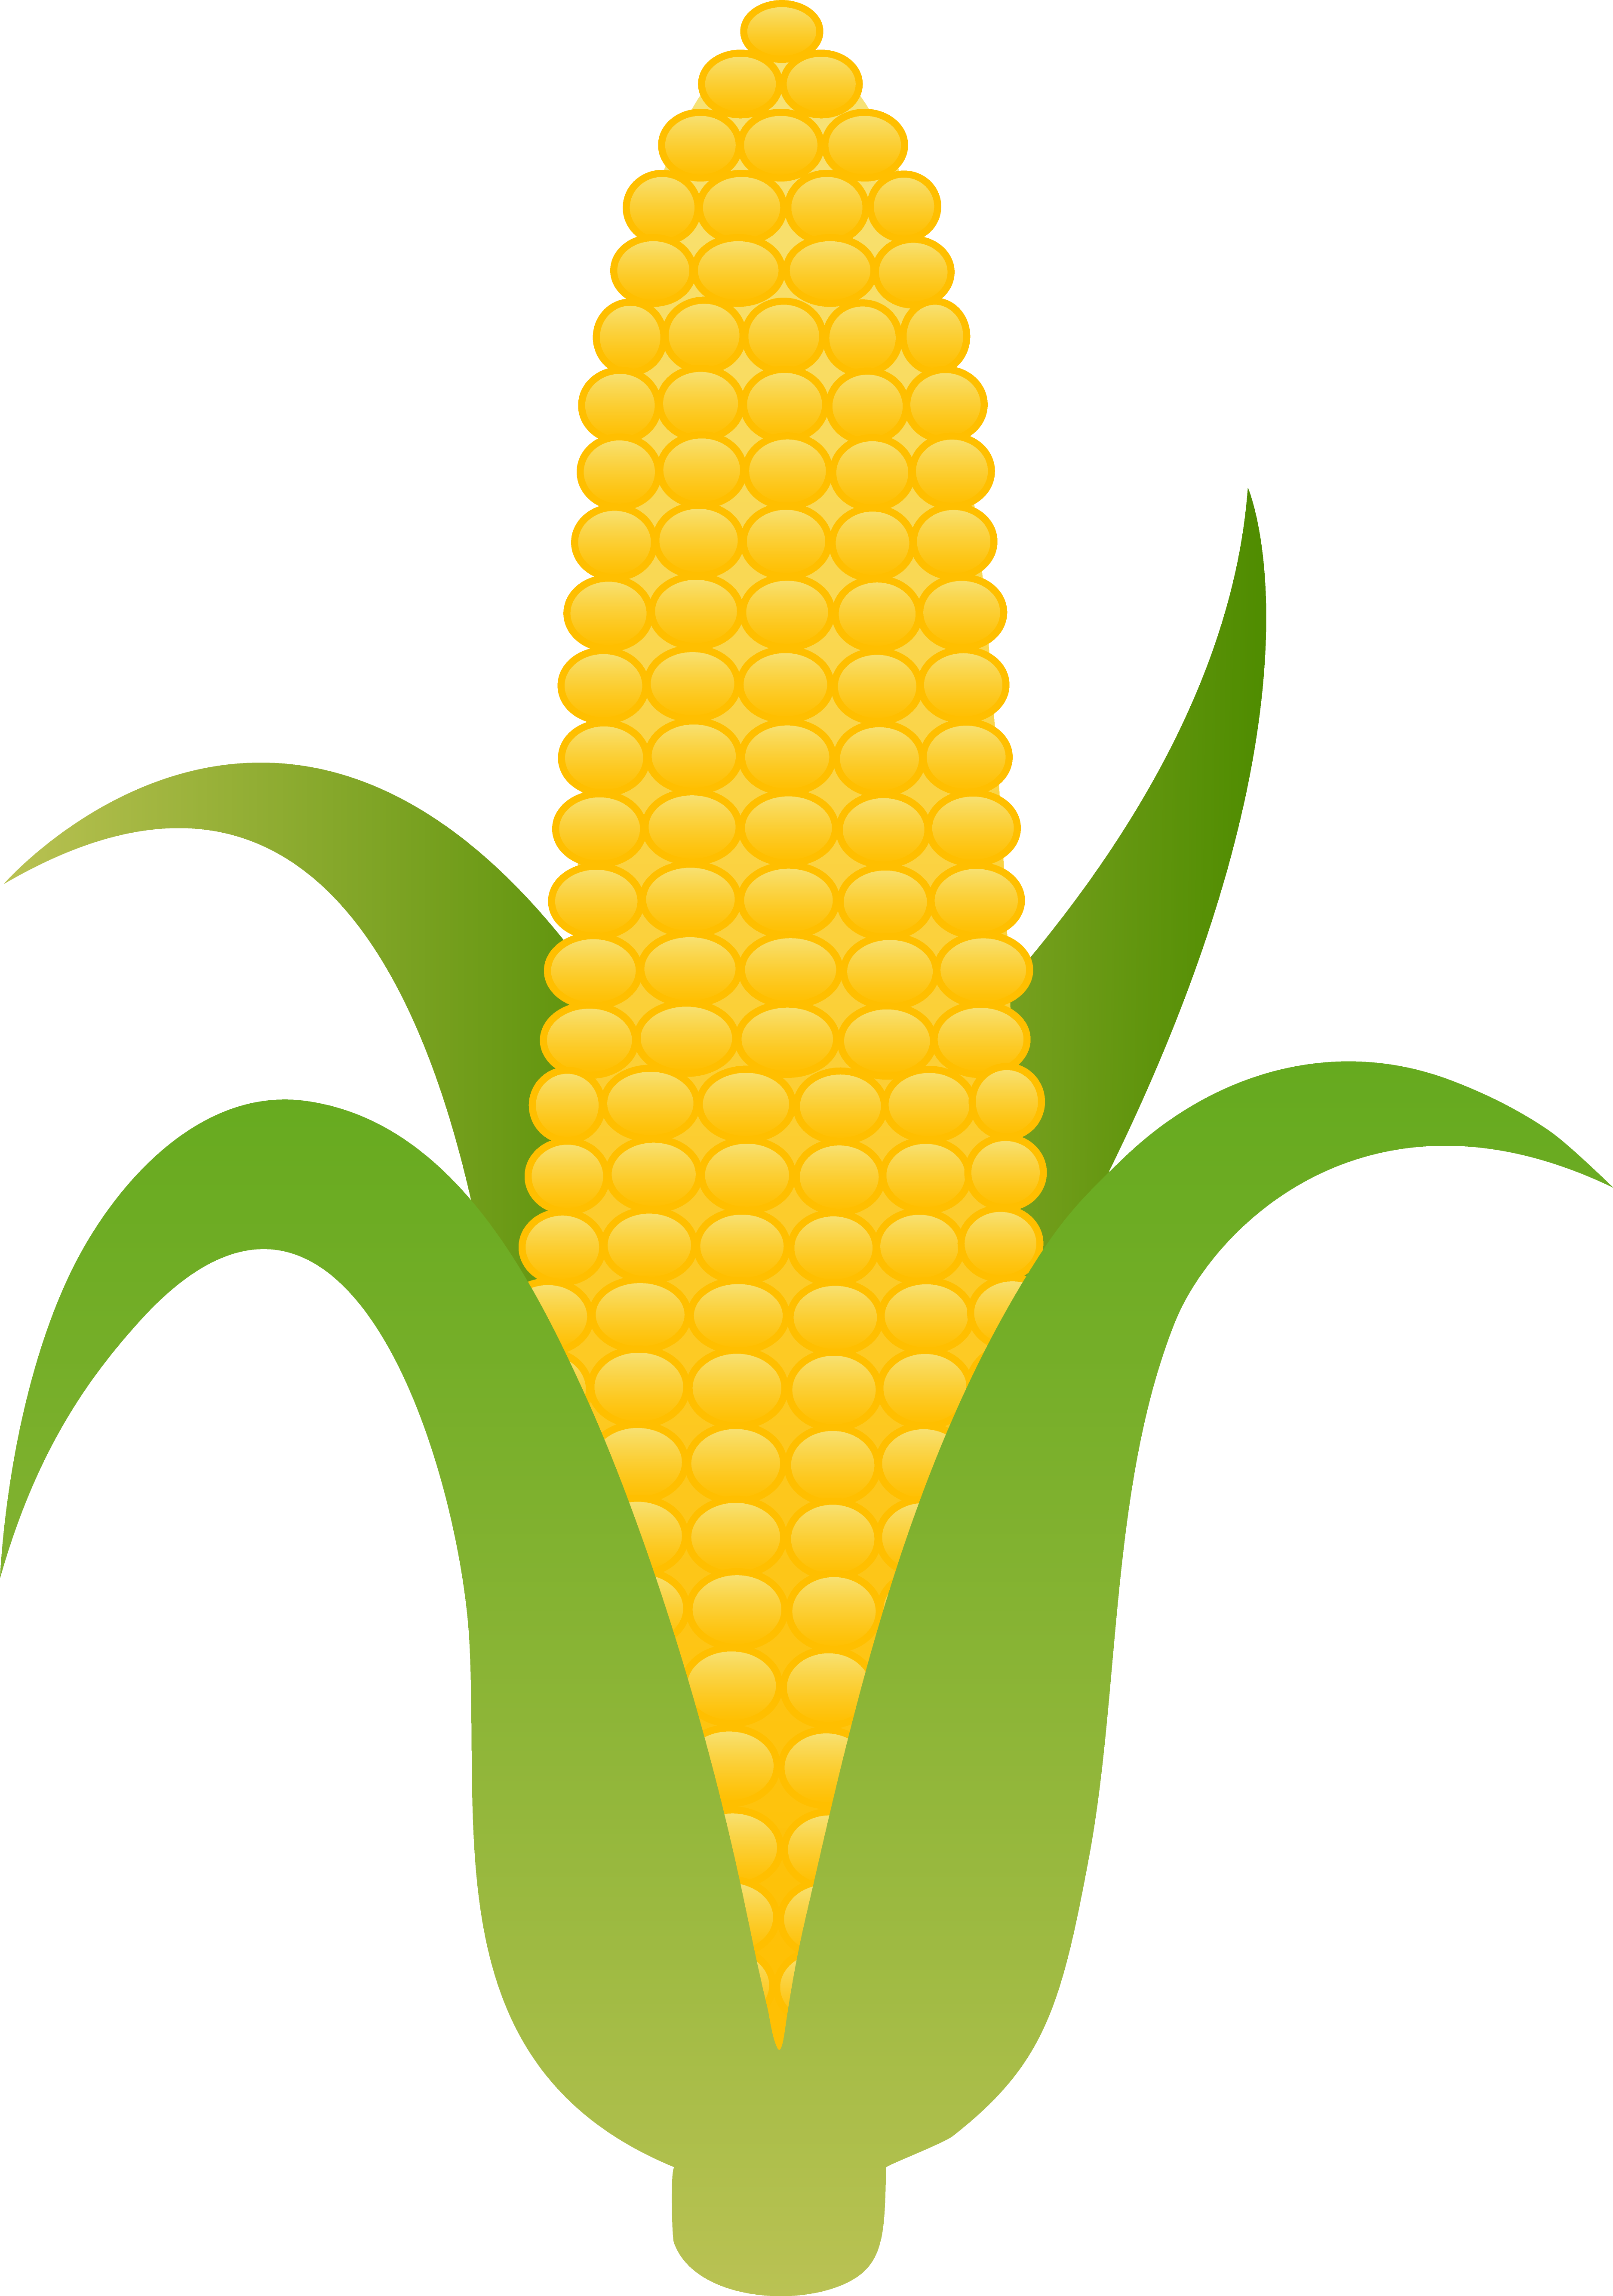 Corn Husk Clipart-Corn Husk Clipart-5